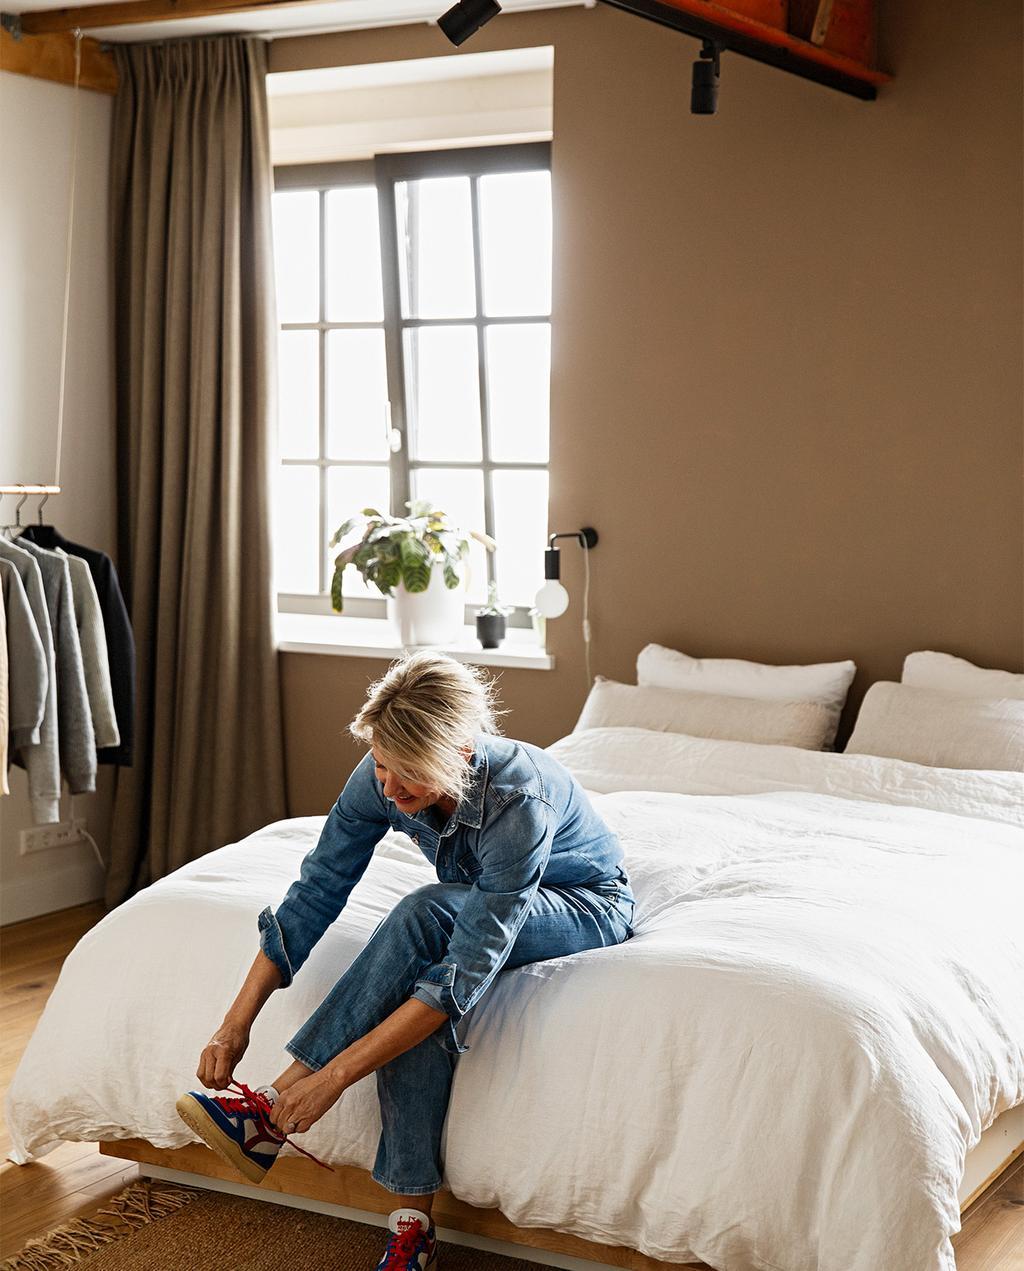 vtwonen 08-2021 | slaapkamer met wit dekbedovertrek